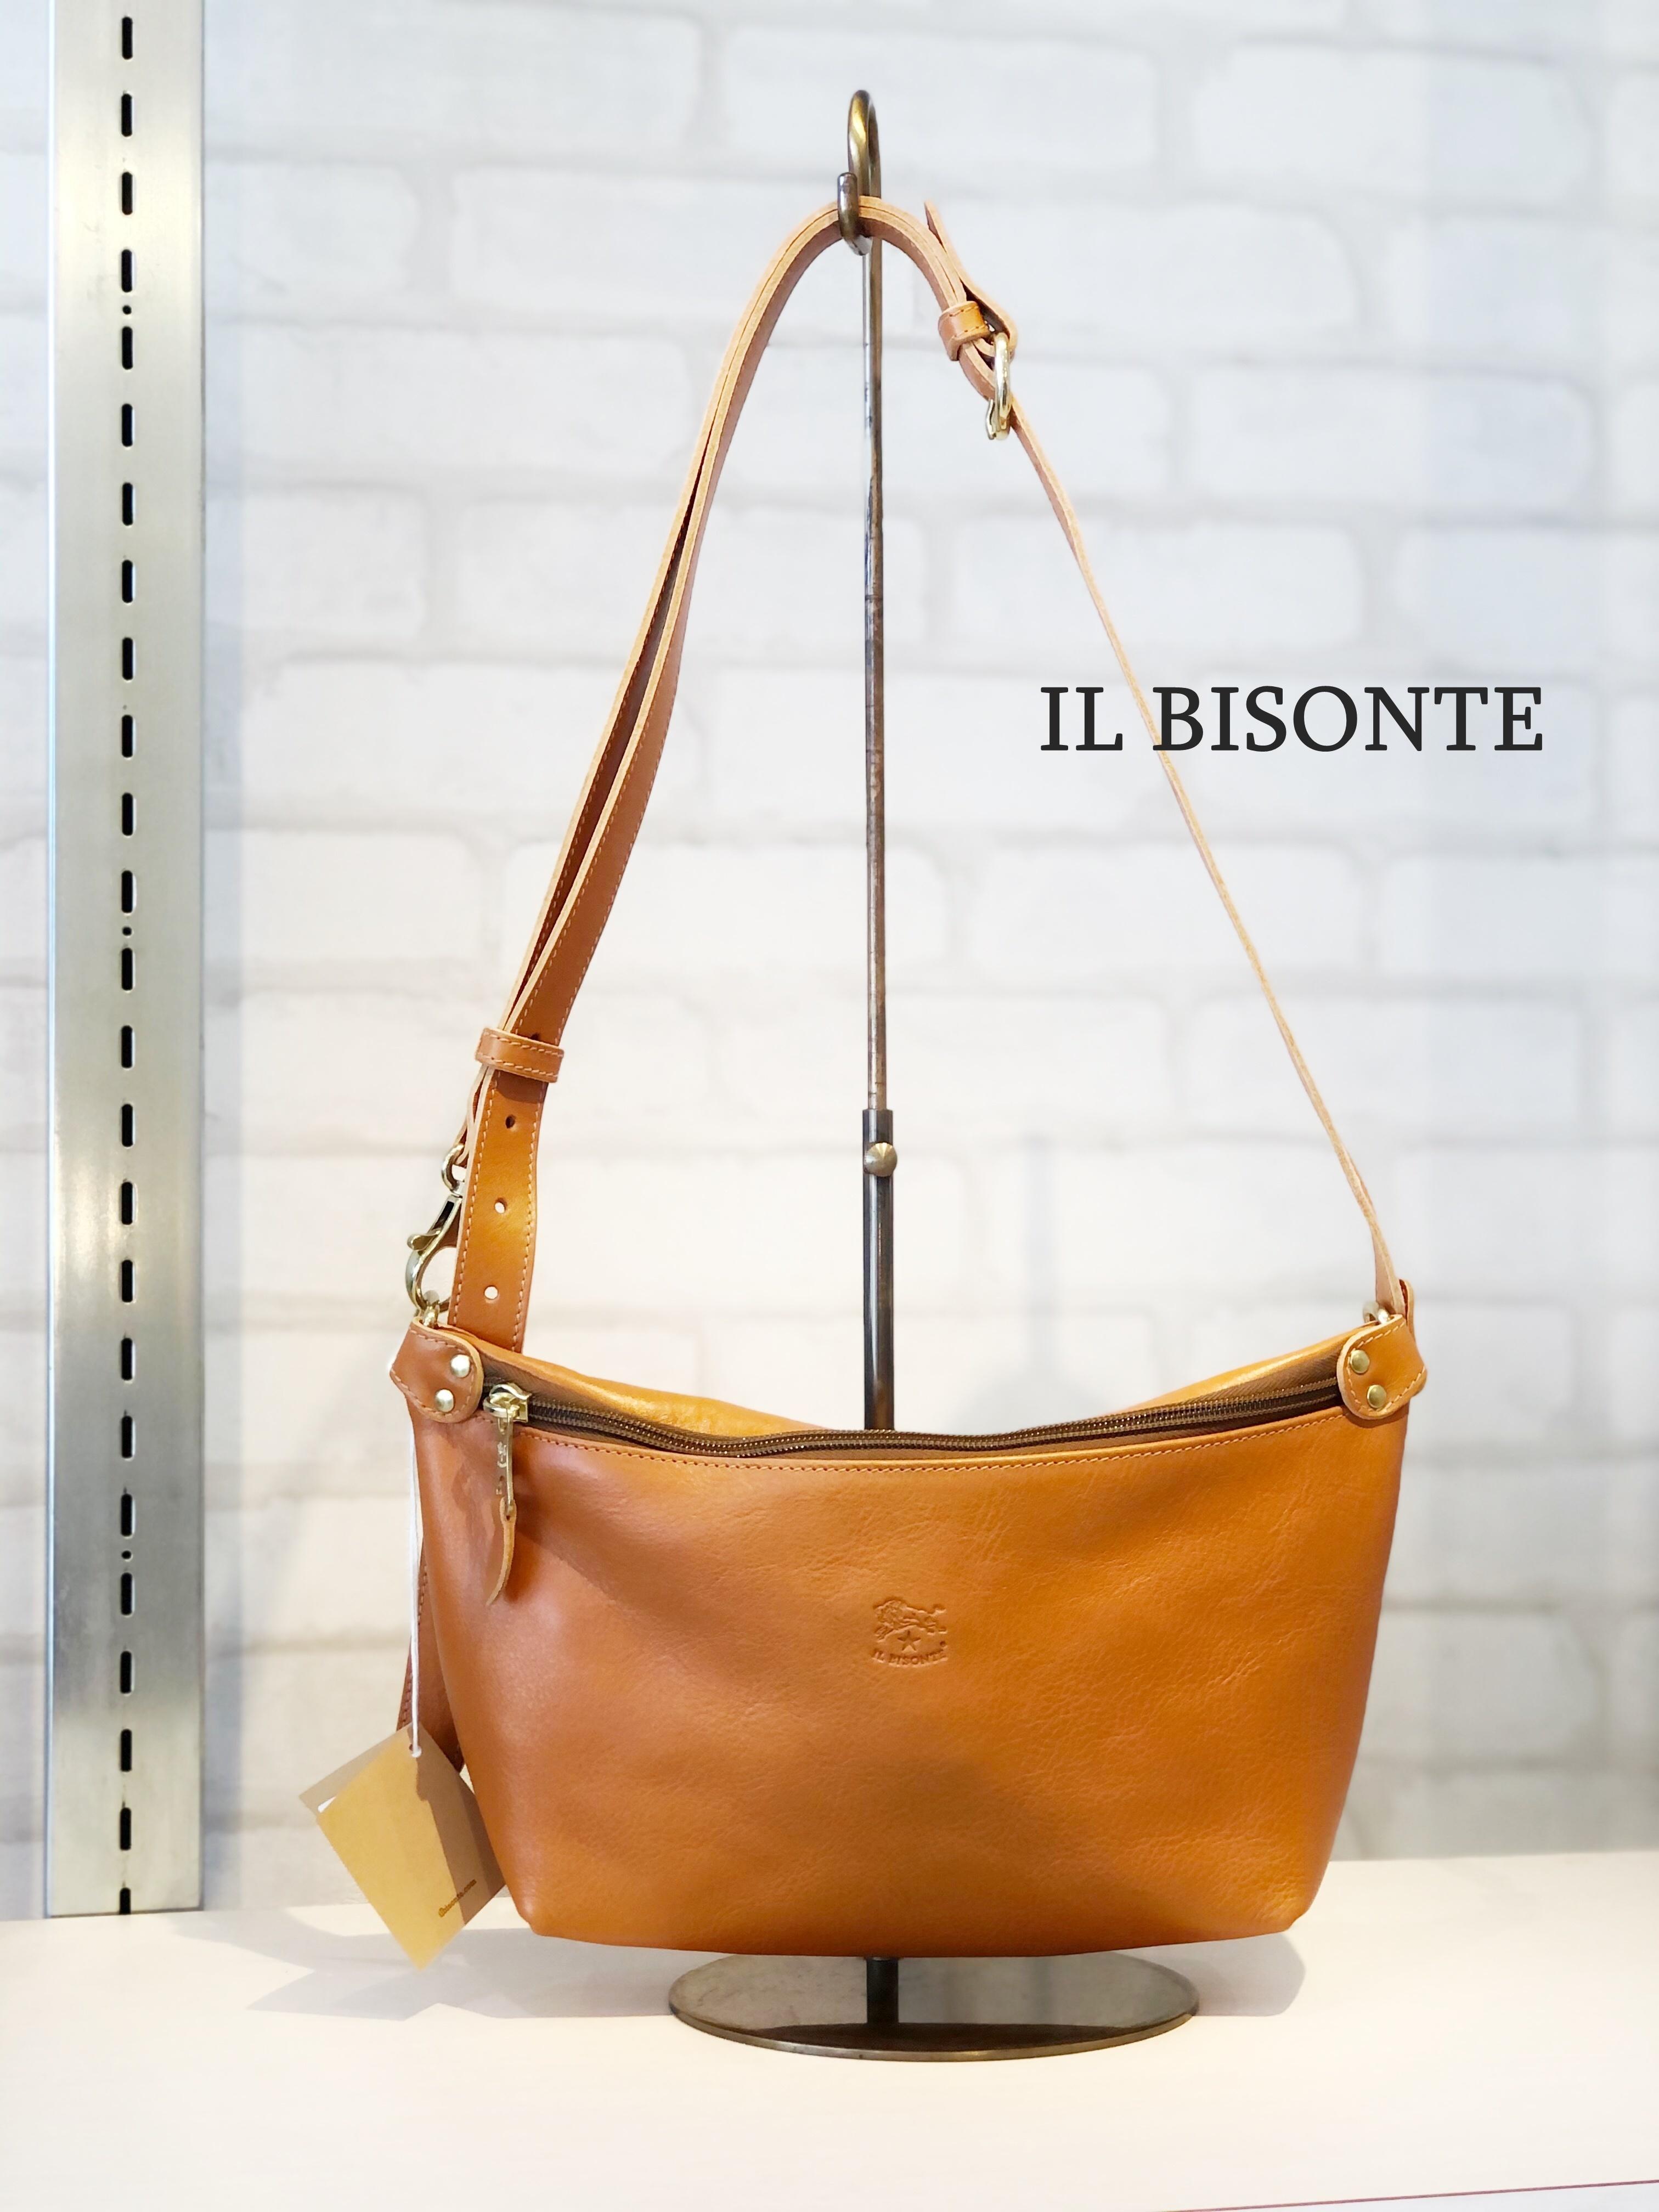 IL BISONTE(イルビゾンテ)/ショルダーバッグ/00116(ヤケヌメ)